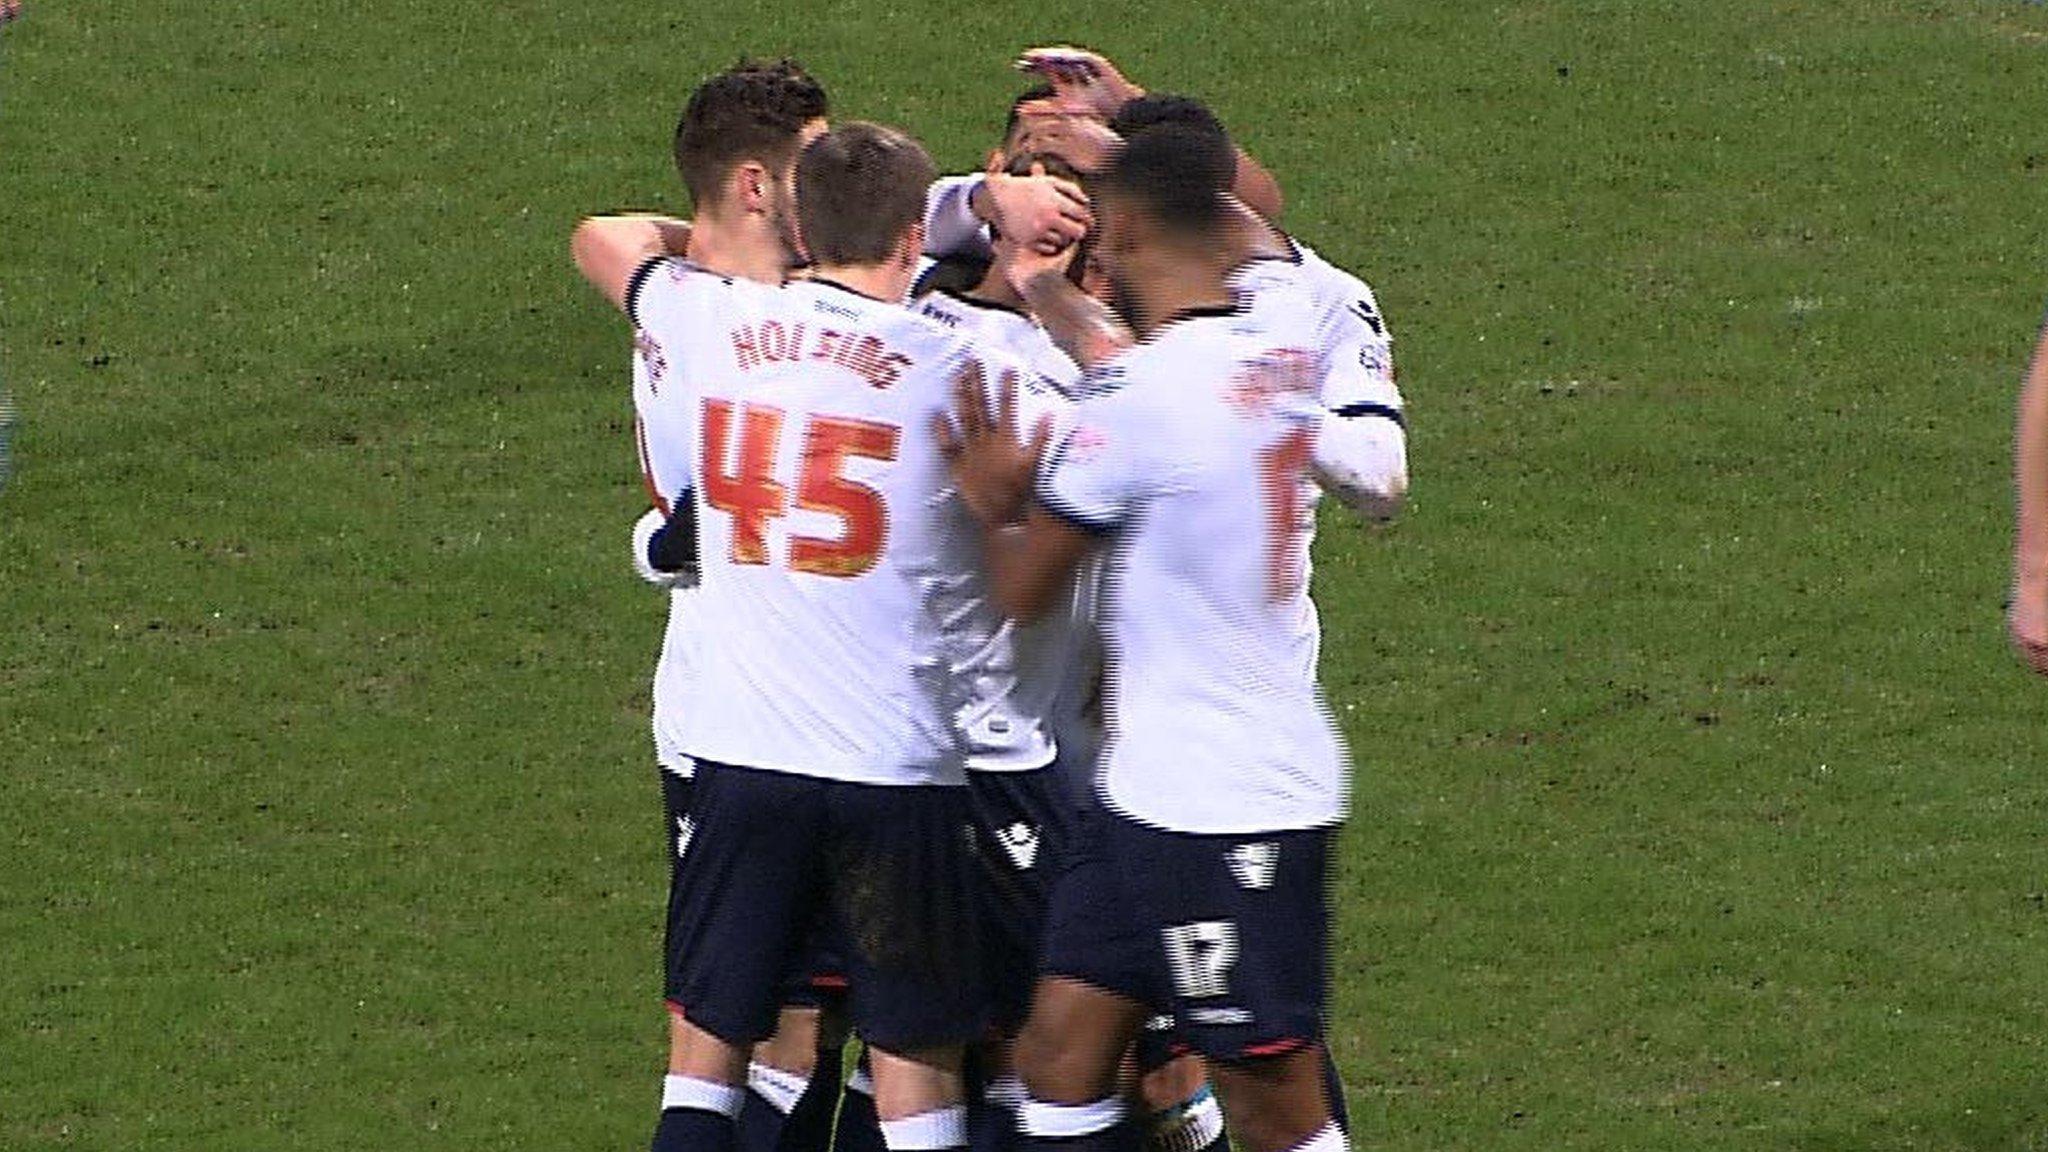 Bolton celebrate Moxey's goal